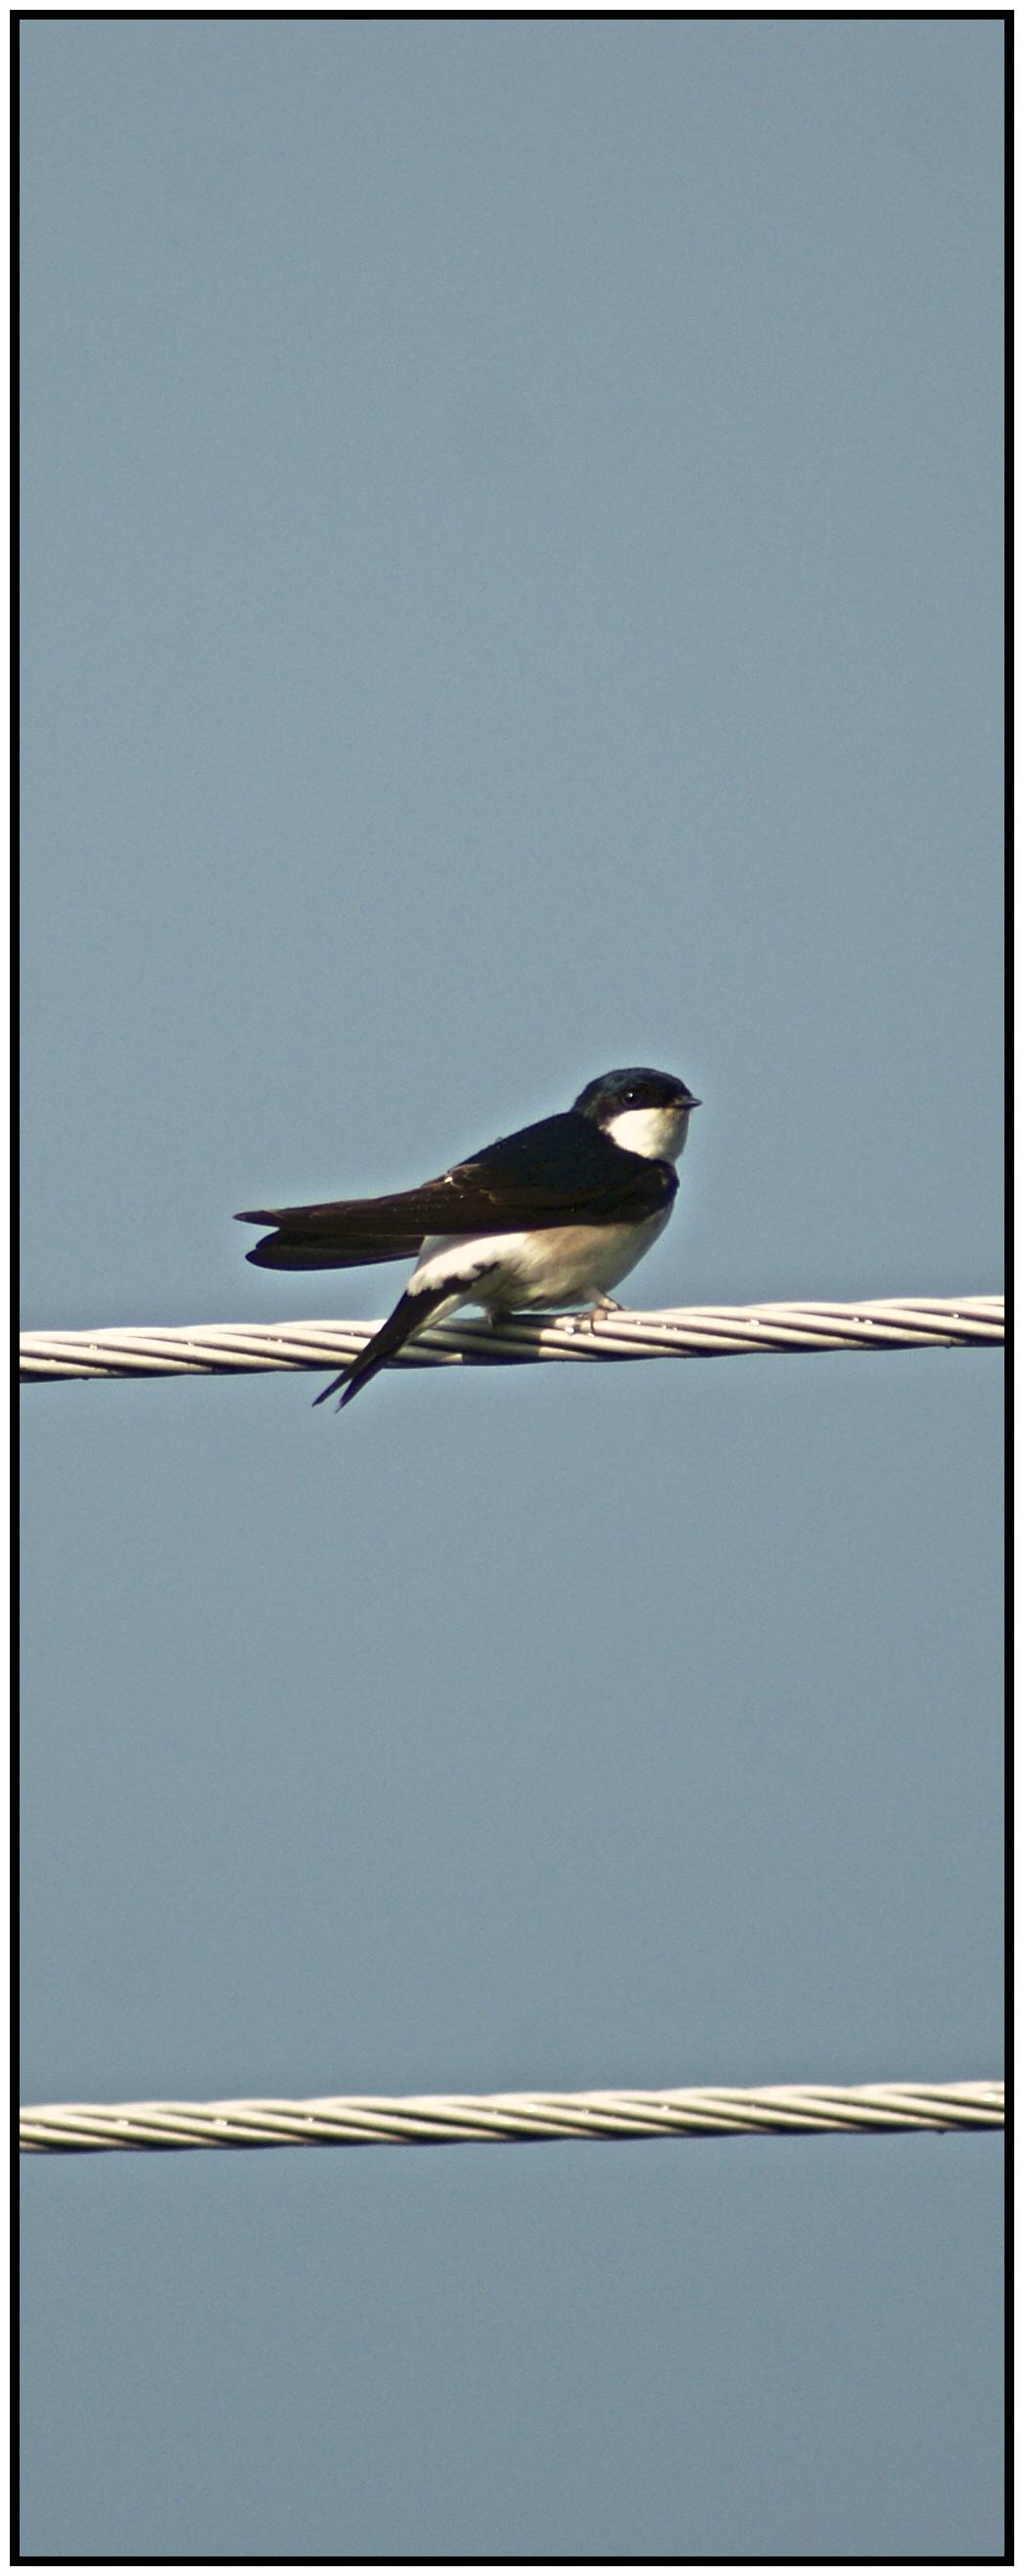 Pták na drátě